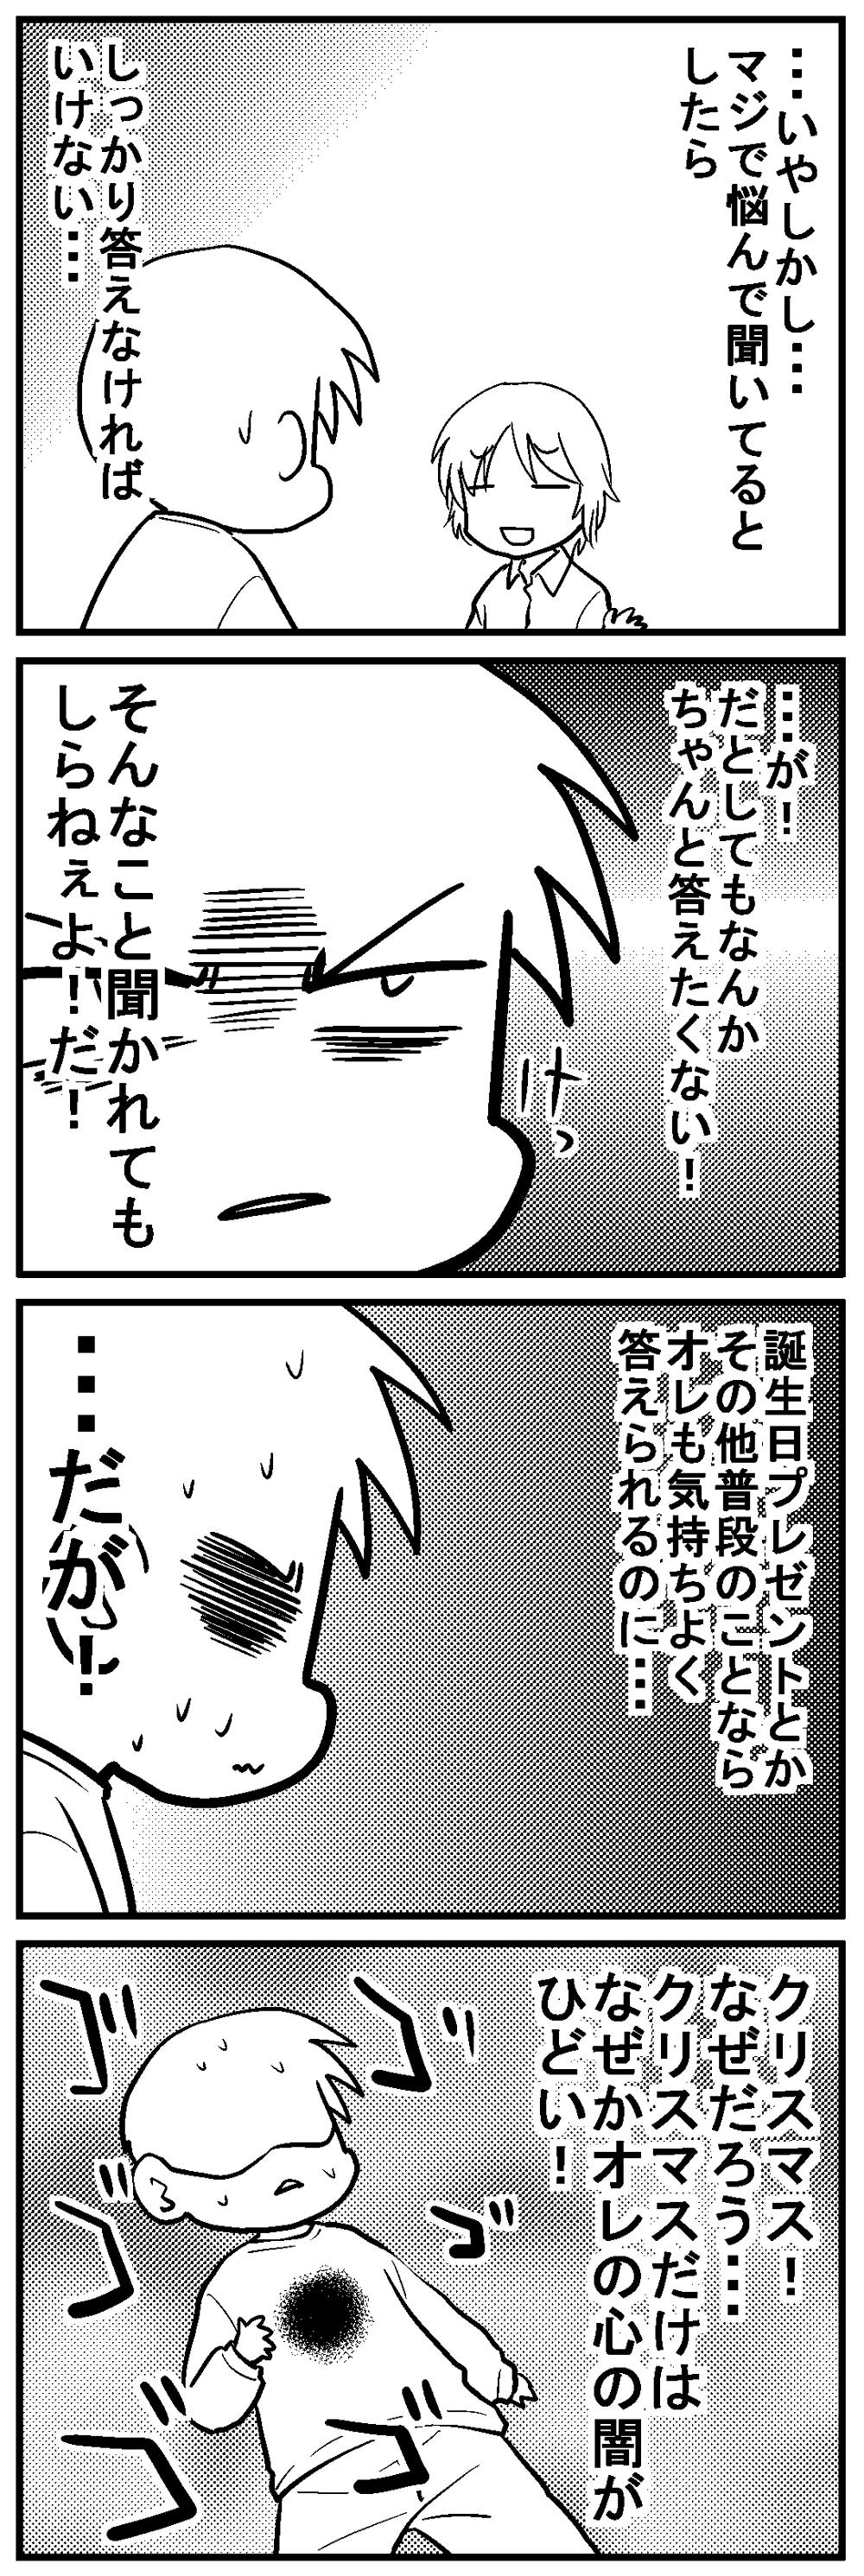 深読みくんクリスマス1-3